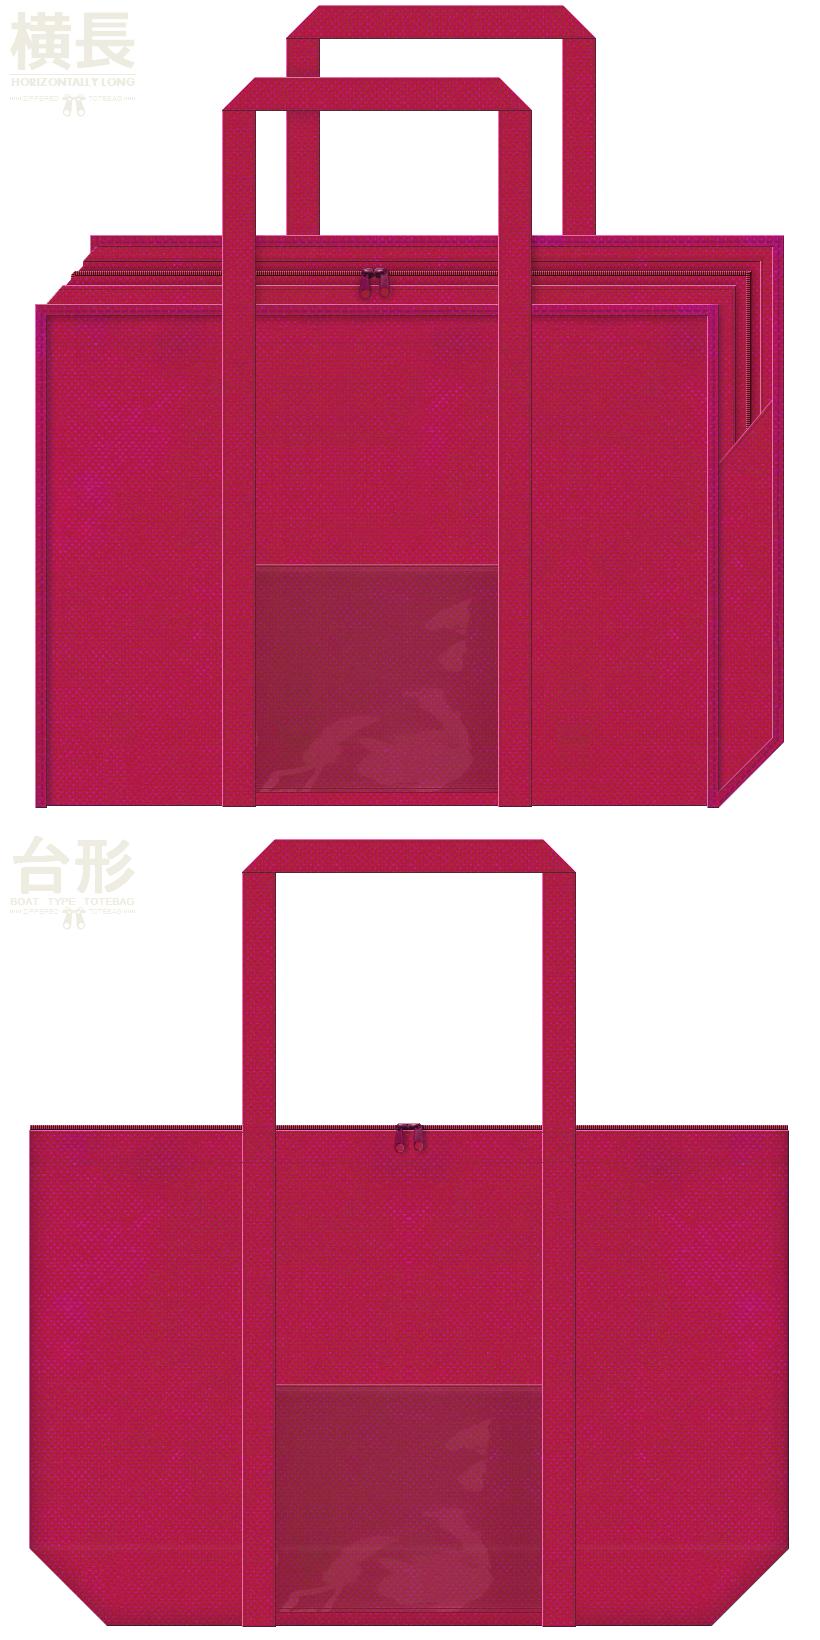 濃いピンク色の不織布バッグデザイン:透明ポケット付きの不織布ランドリーバッグ